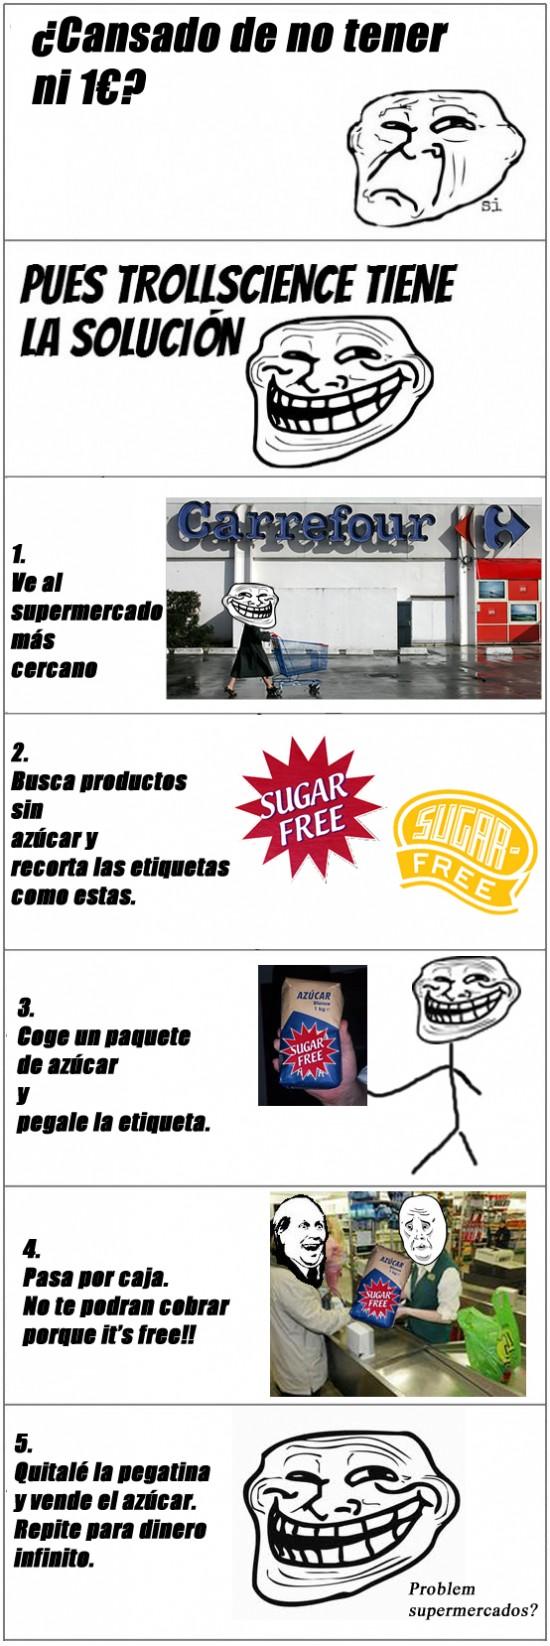 Trollface - Sugar free